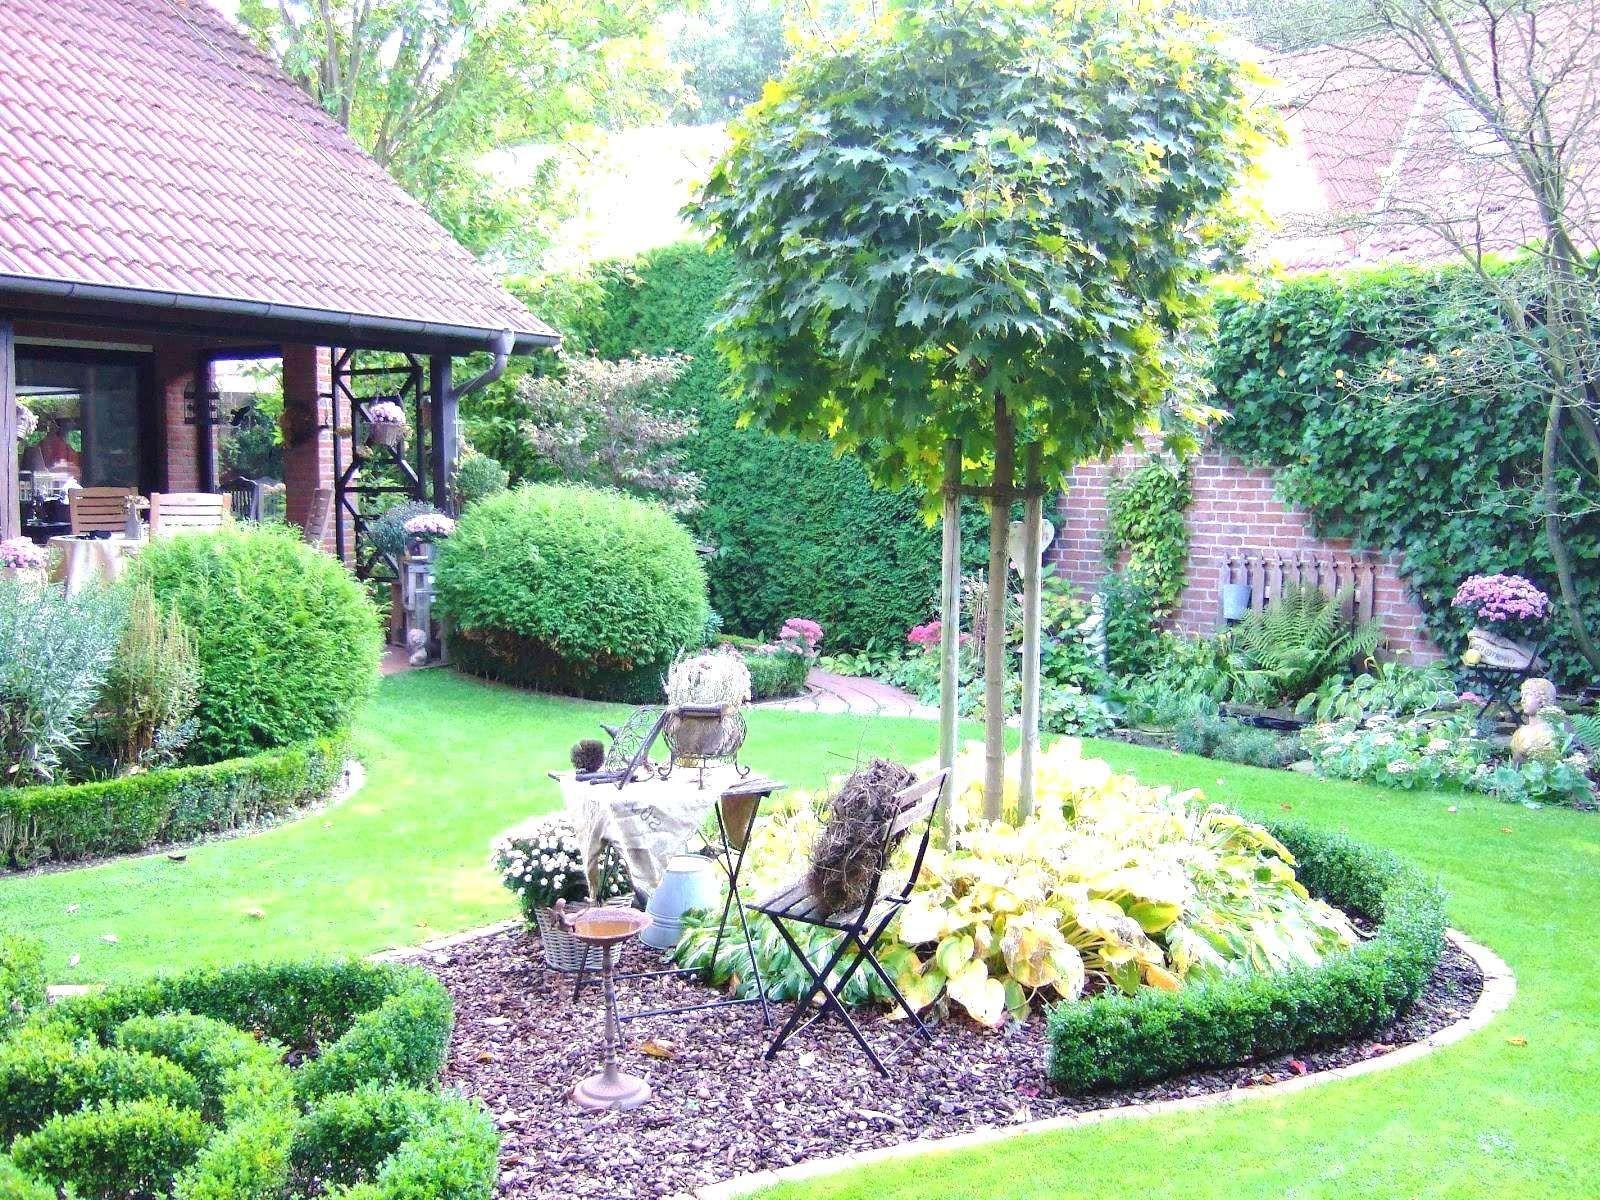 Garten Neu Anlegen Inspirierend Garten Ideas Garten Anlegen Inspirational Aussenleuchten